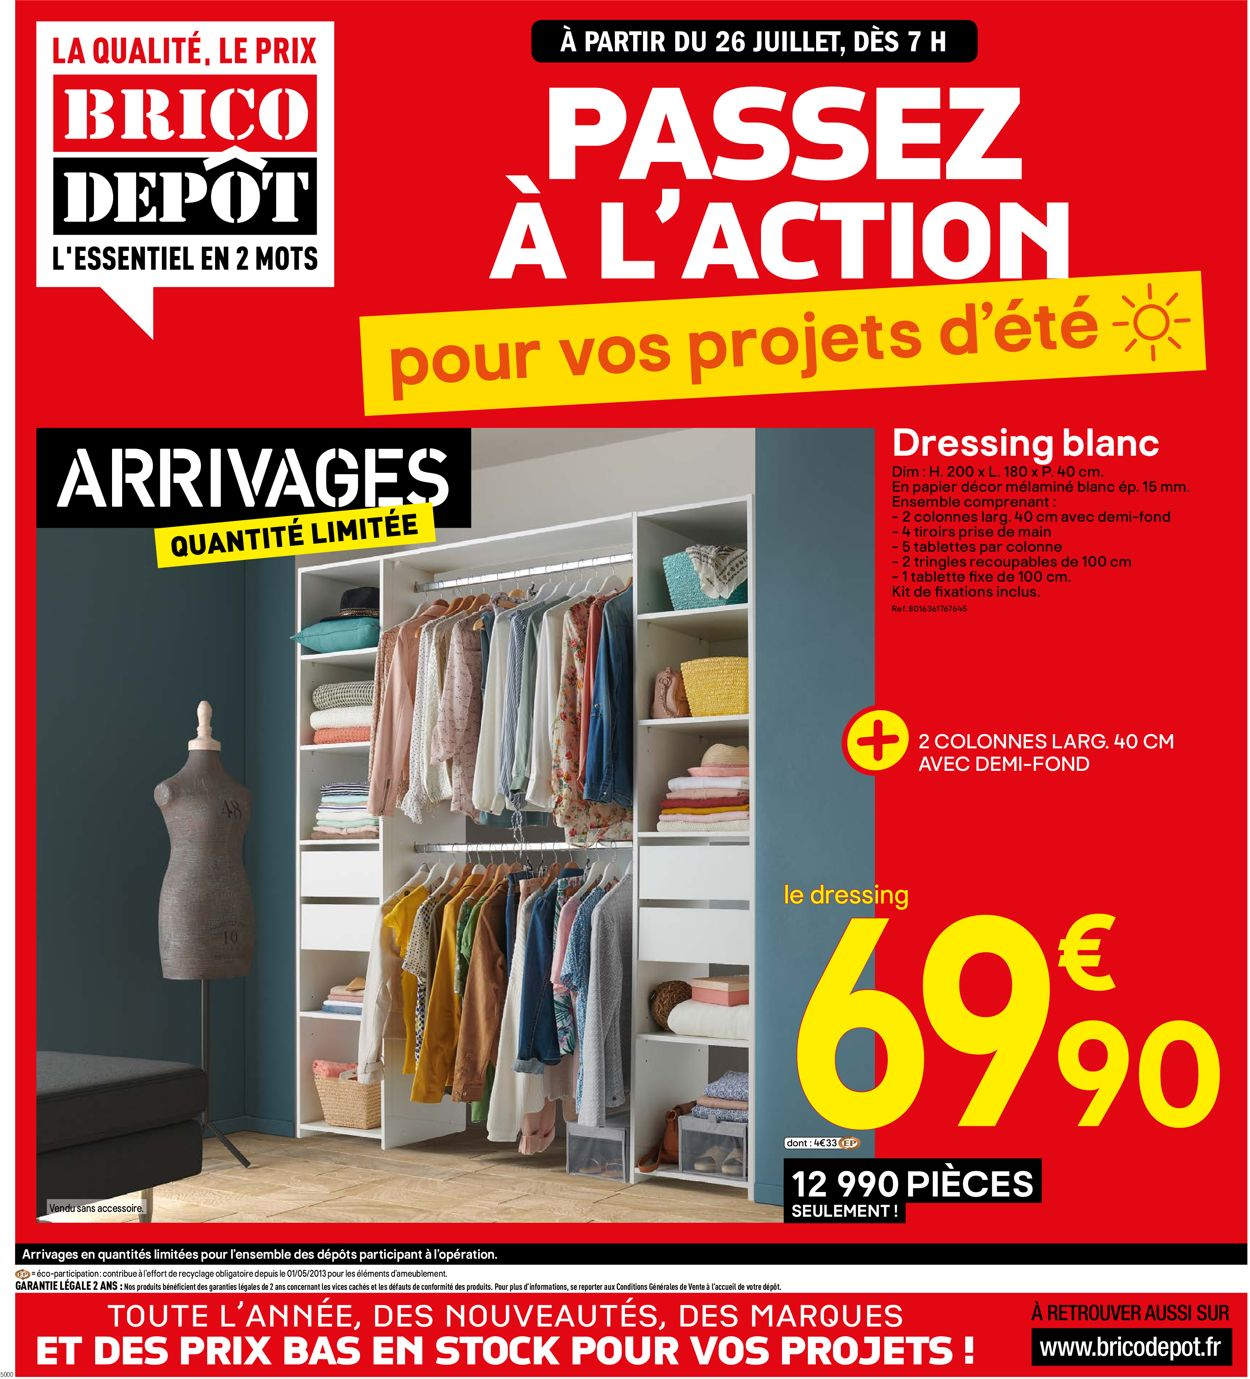 Brico Dépôt Catalogue - 26.07-08.08.2019